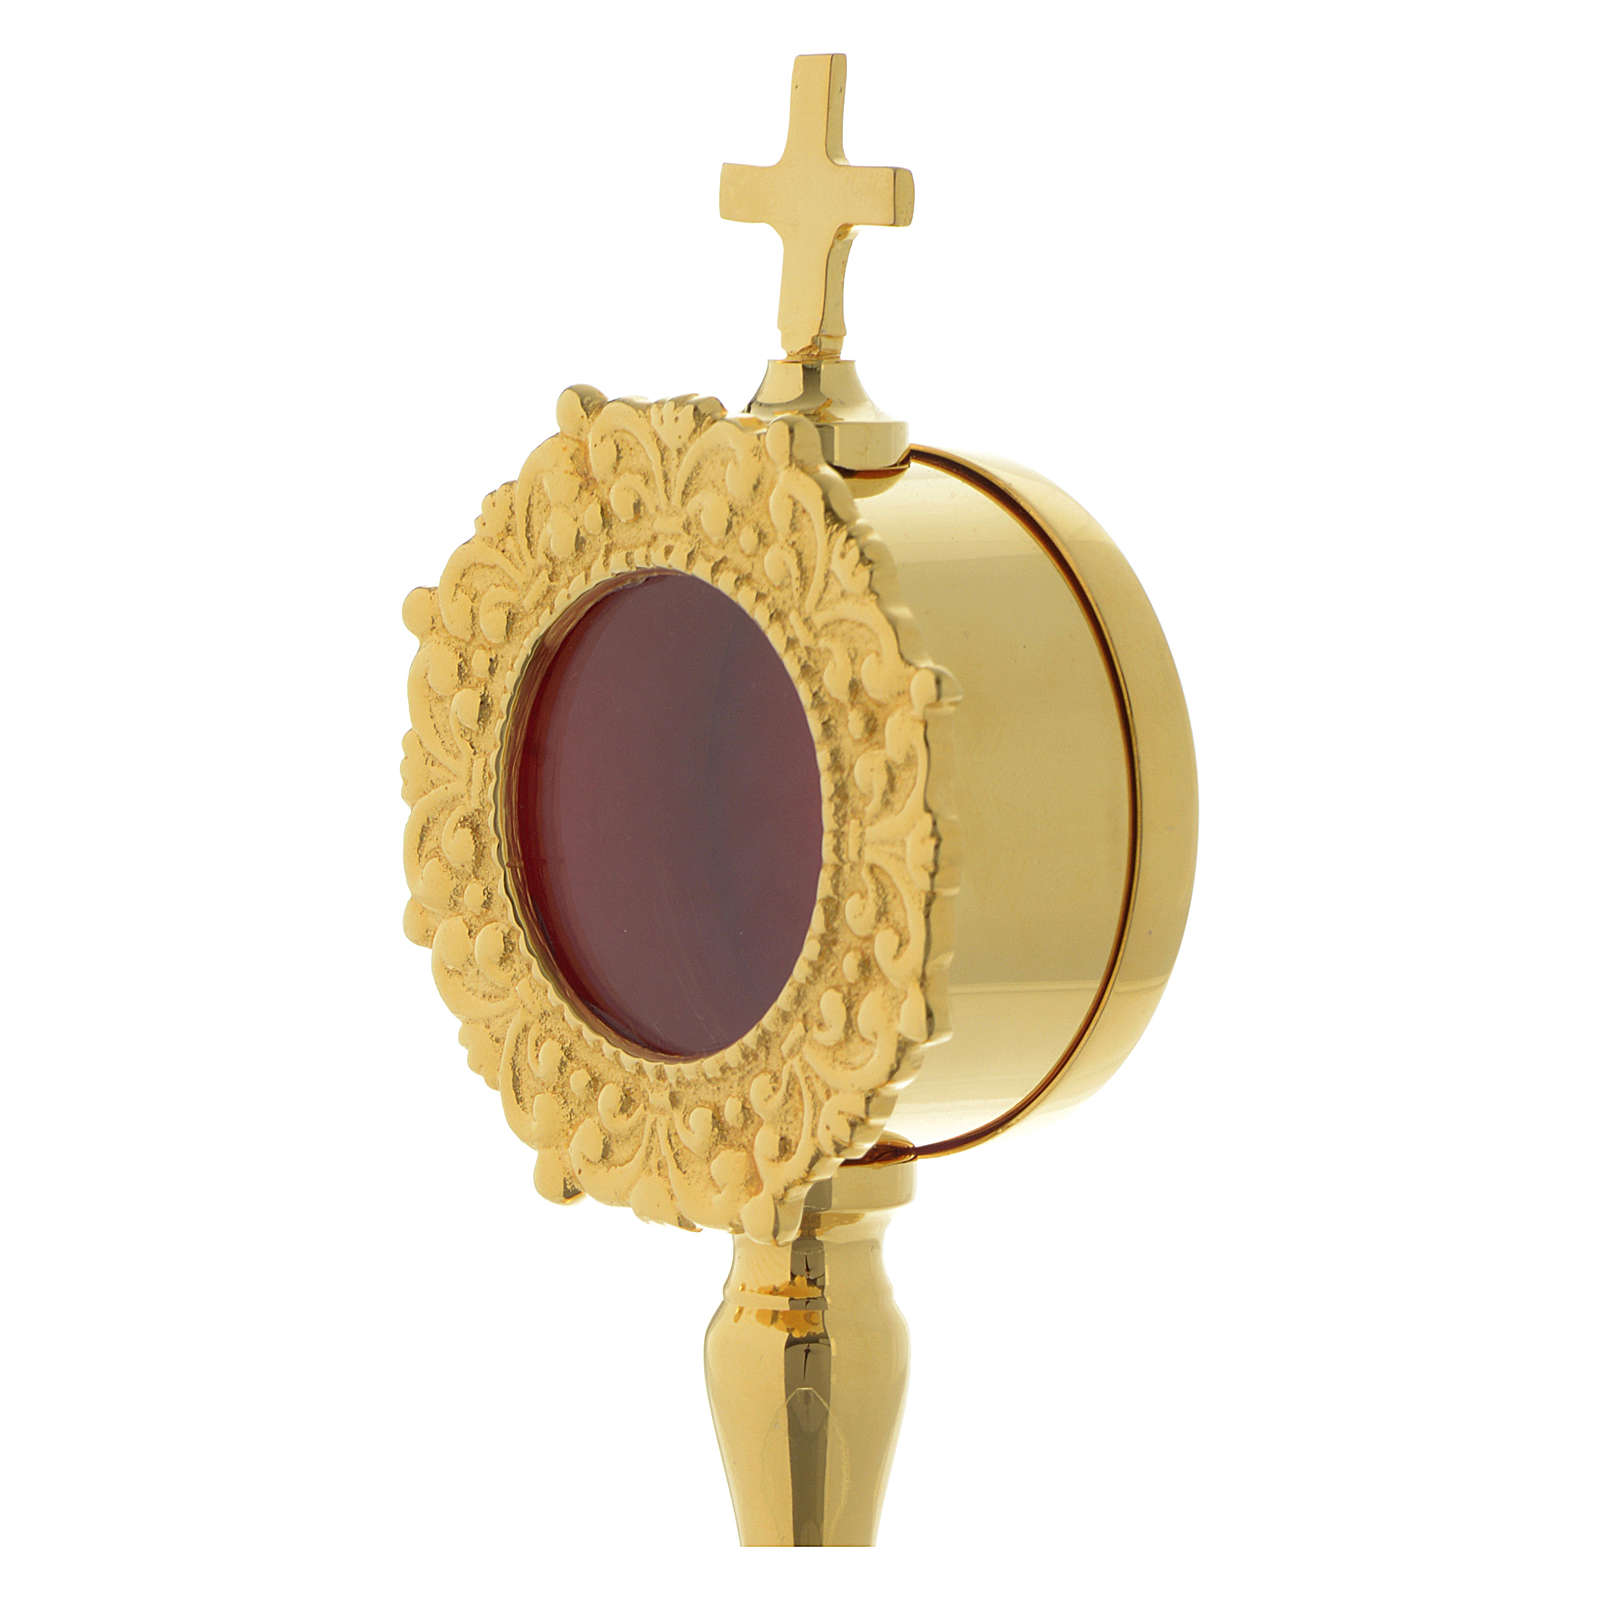 Reliquiario semplice h 20 cm ottone dorato 4